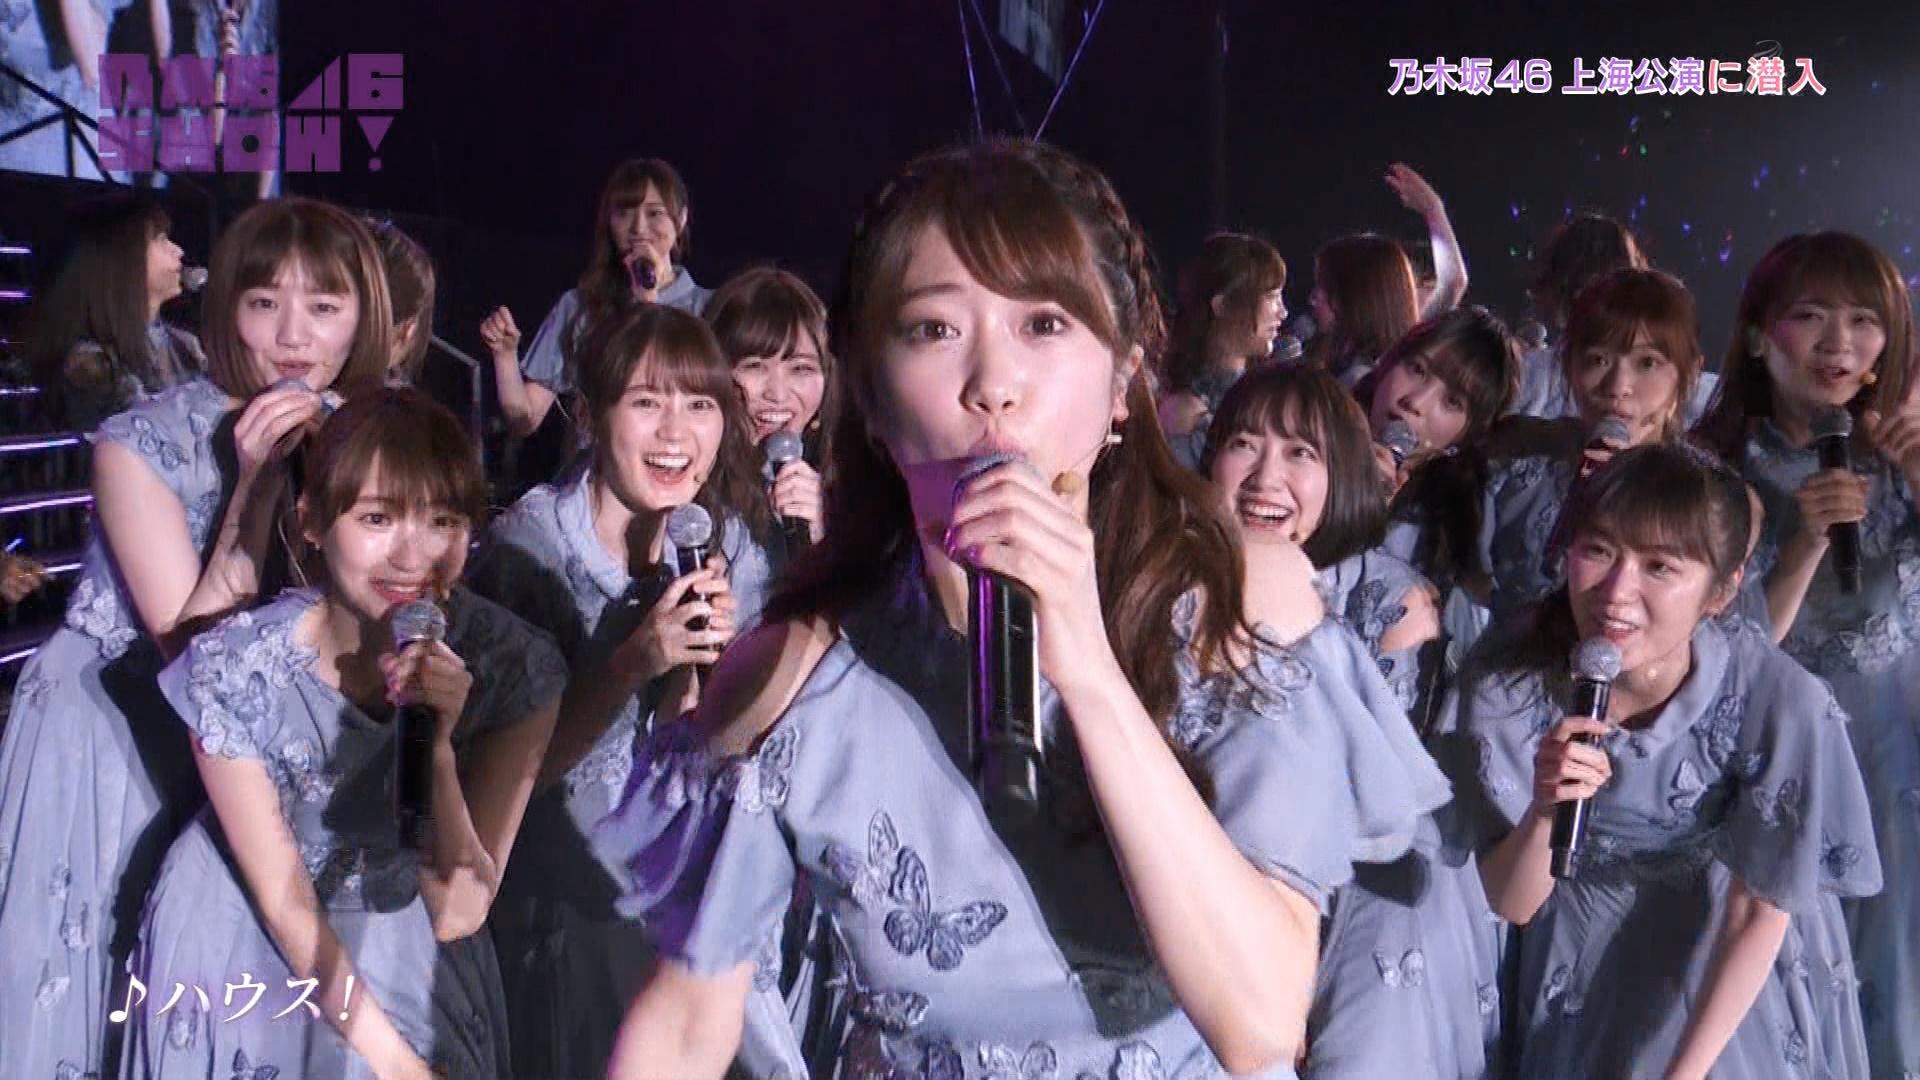 【悲報】上海ライブで不人気ブスがでしゃばる